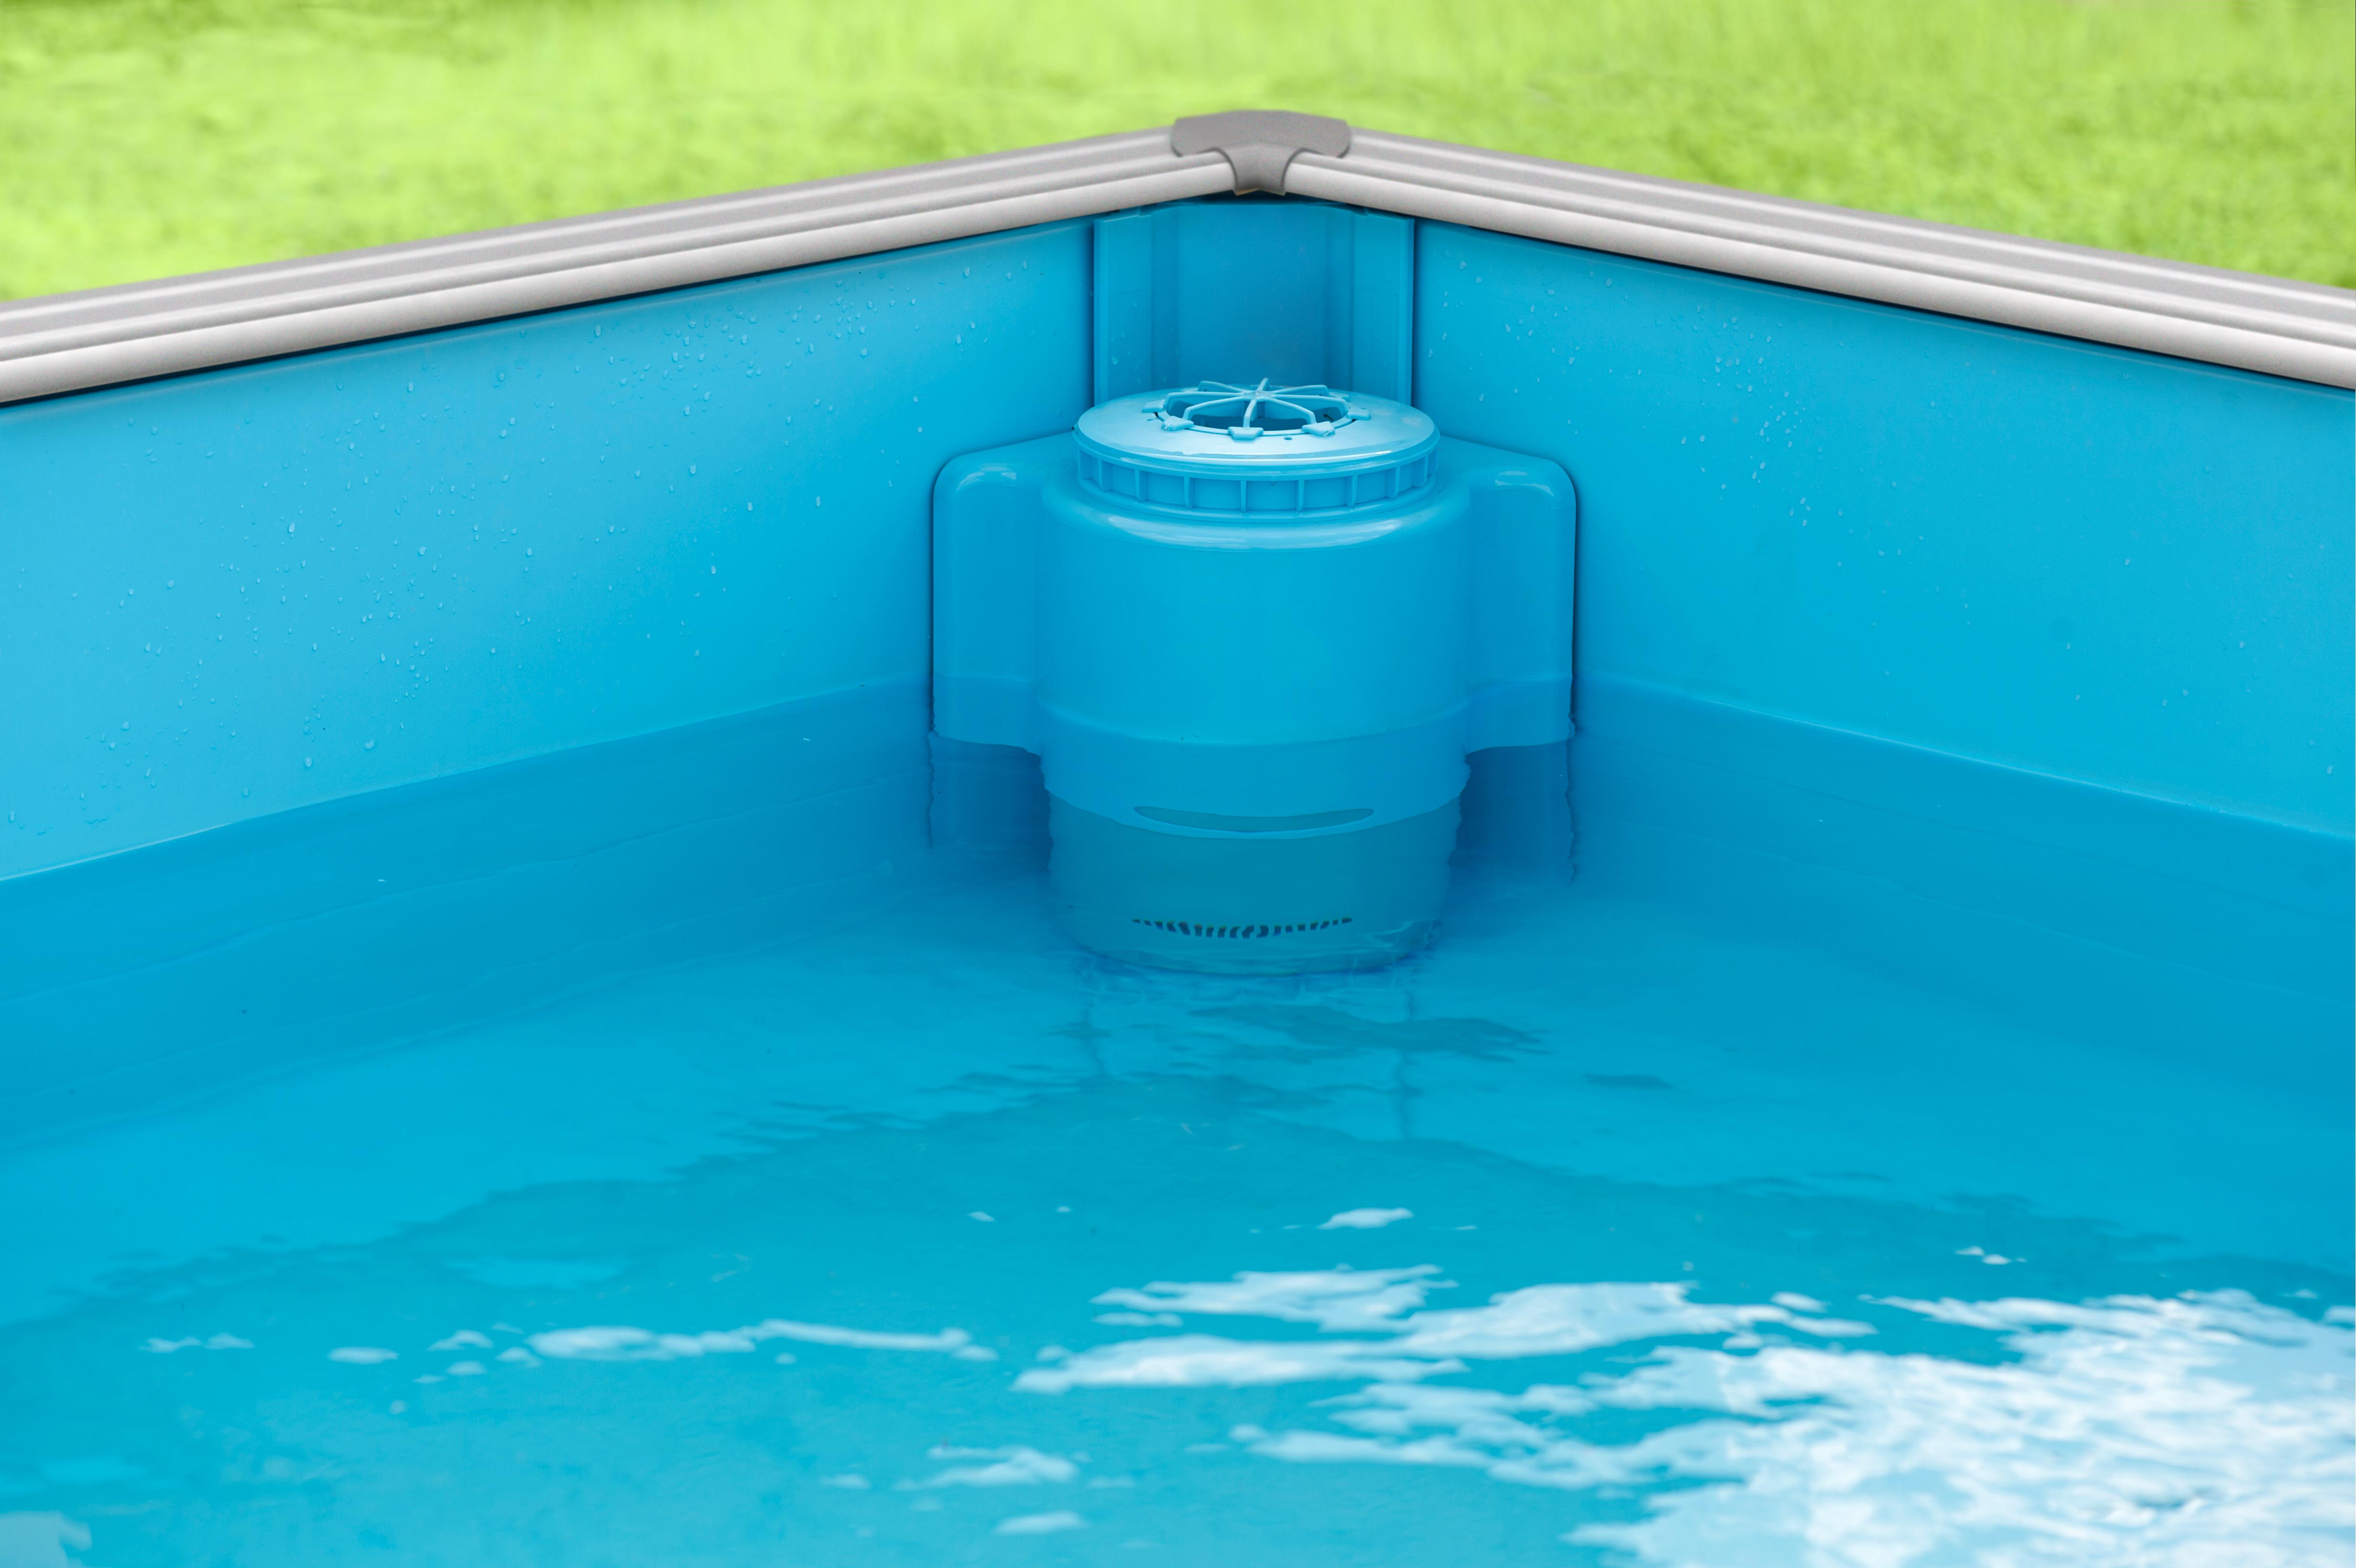 pistoche la piscine en bois pour les enfants en toute s curit cochet pierre piscines et spas. Black Bedroom Furniture Sets. Home Design Ideas